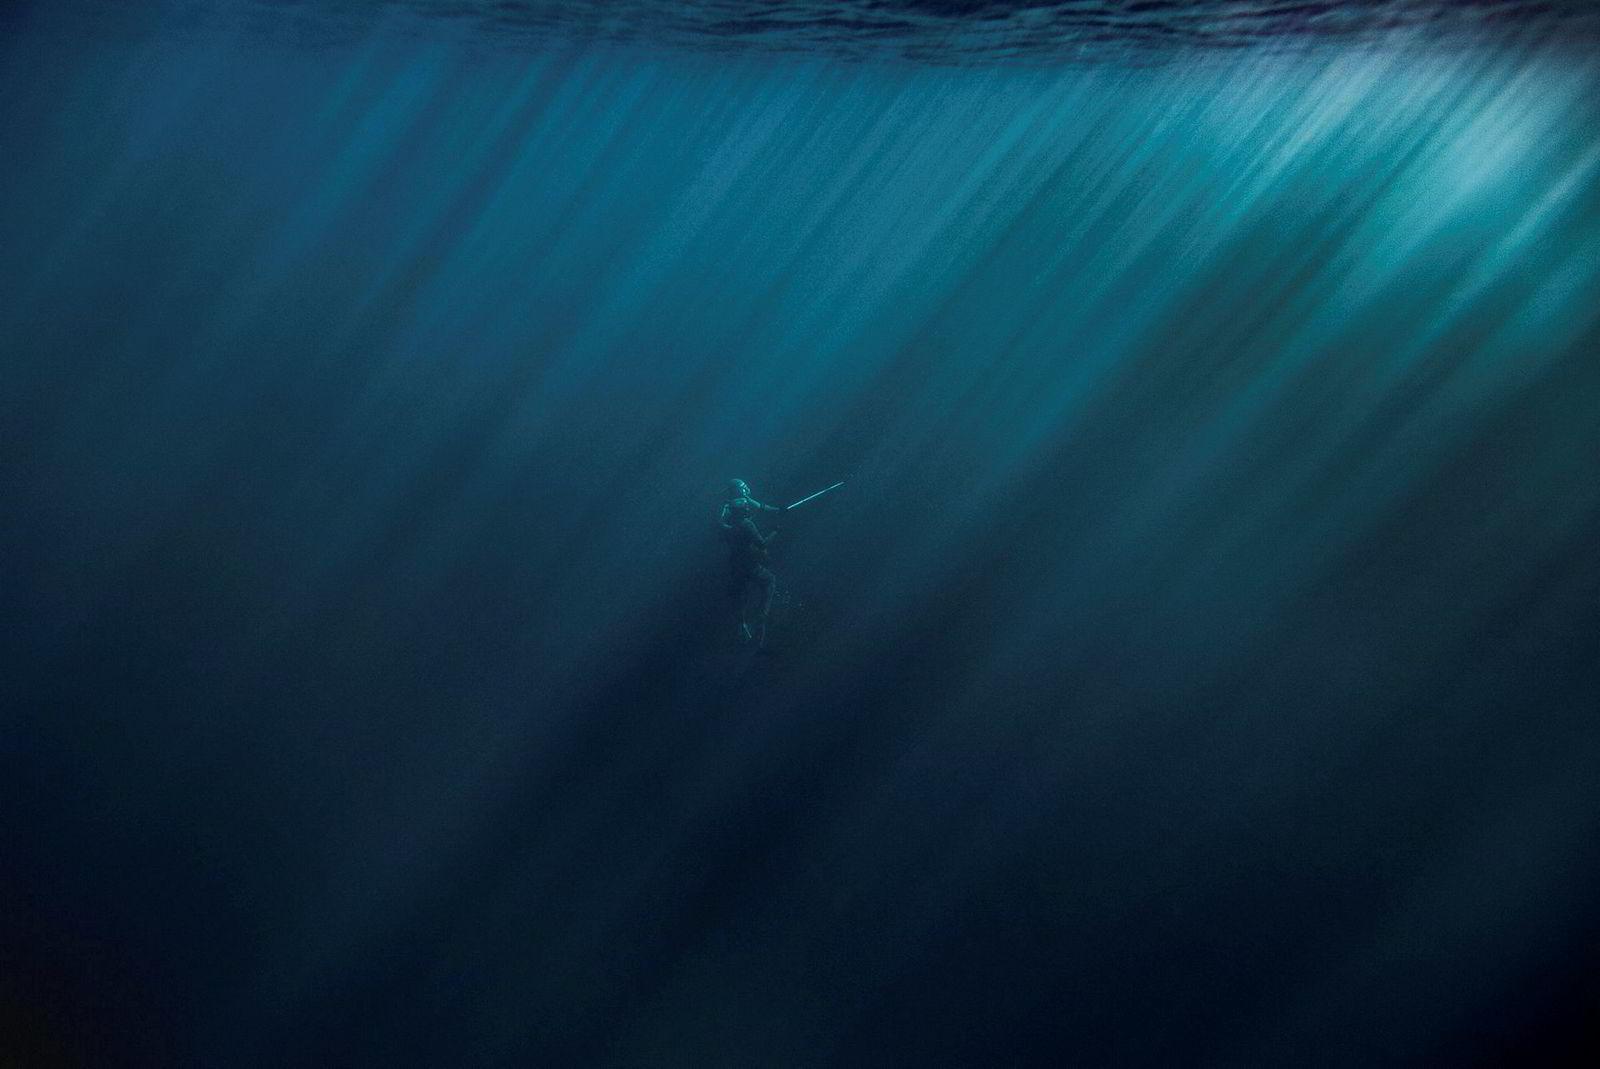 Svein Hyttebakk og Ørjan Dyrnes er på vei opp mot overflaten etter å ha dykket på et vrak utenfor Ålesund.